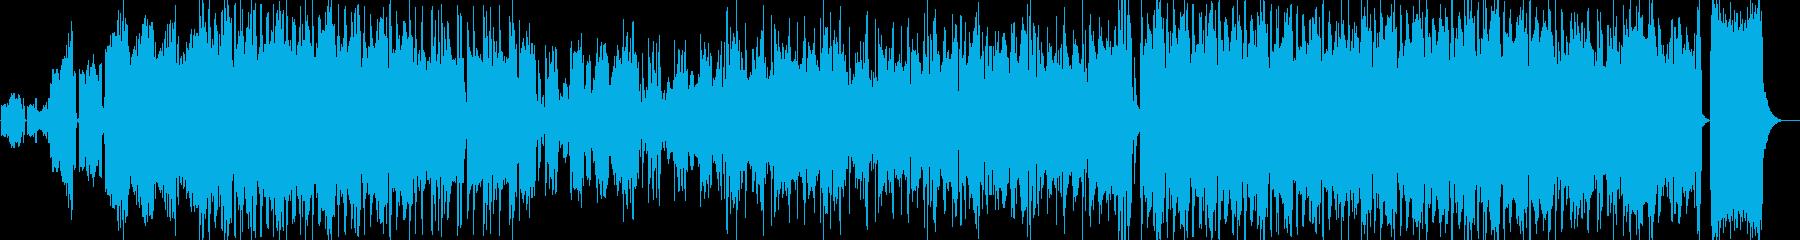 企業VPや映像にオーケストラオープニングの再生済みの波形